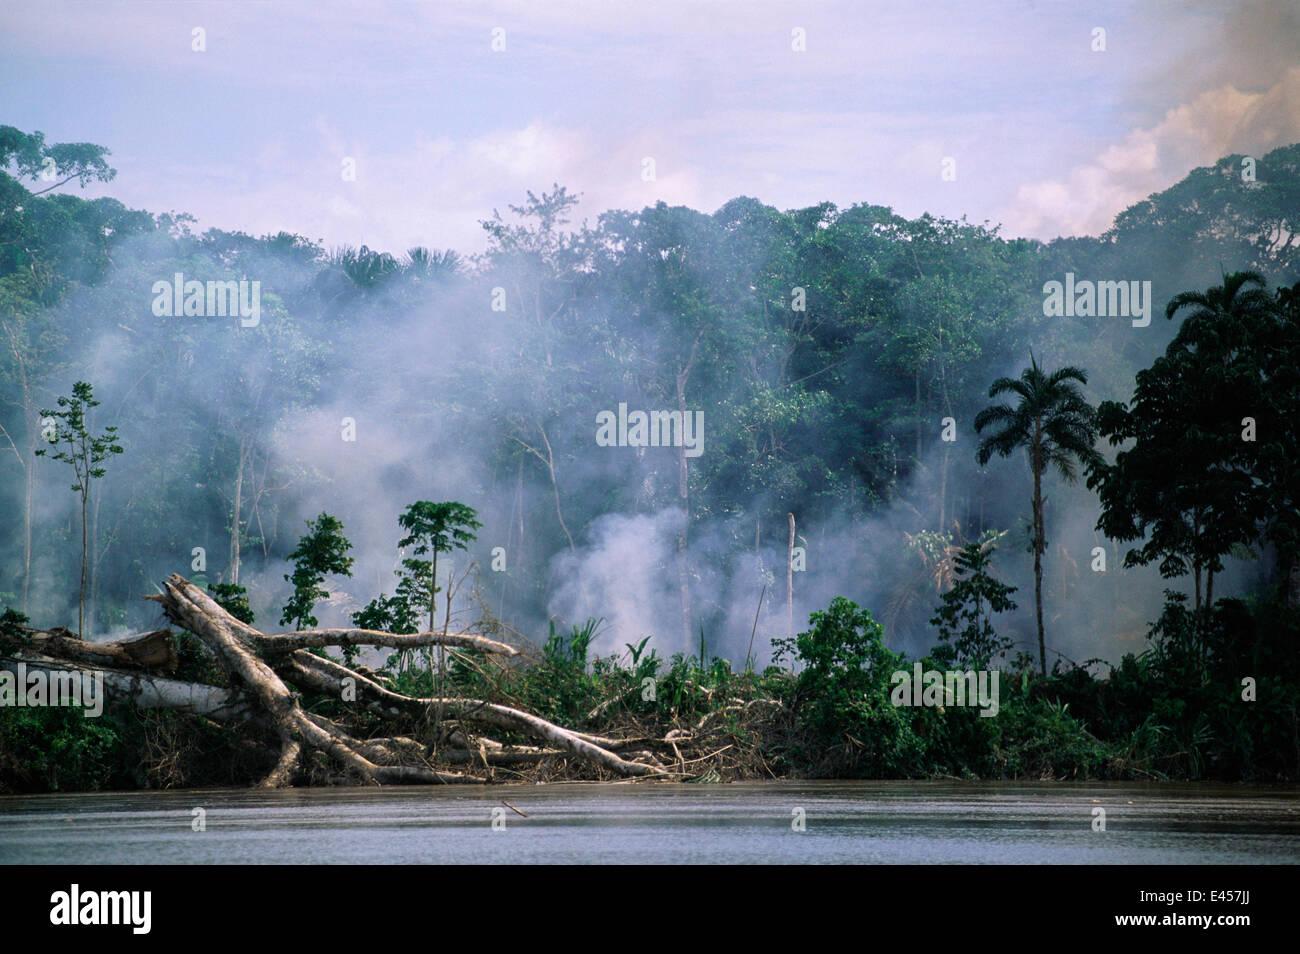 La deforestación, el humo de los incendios en la selva del Amazonas a lo largo de río, Ecuador, Sudamérica Imagen De Stock